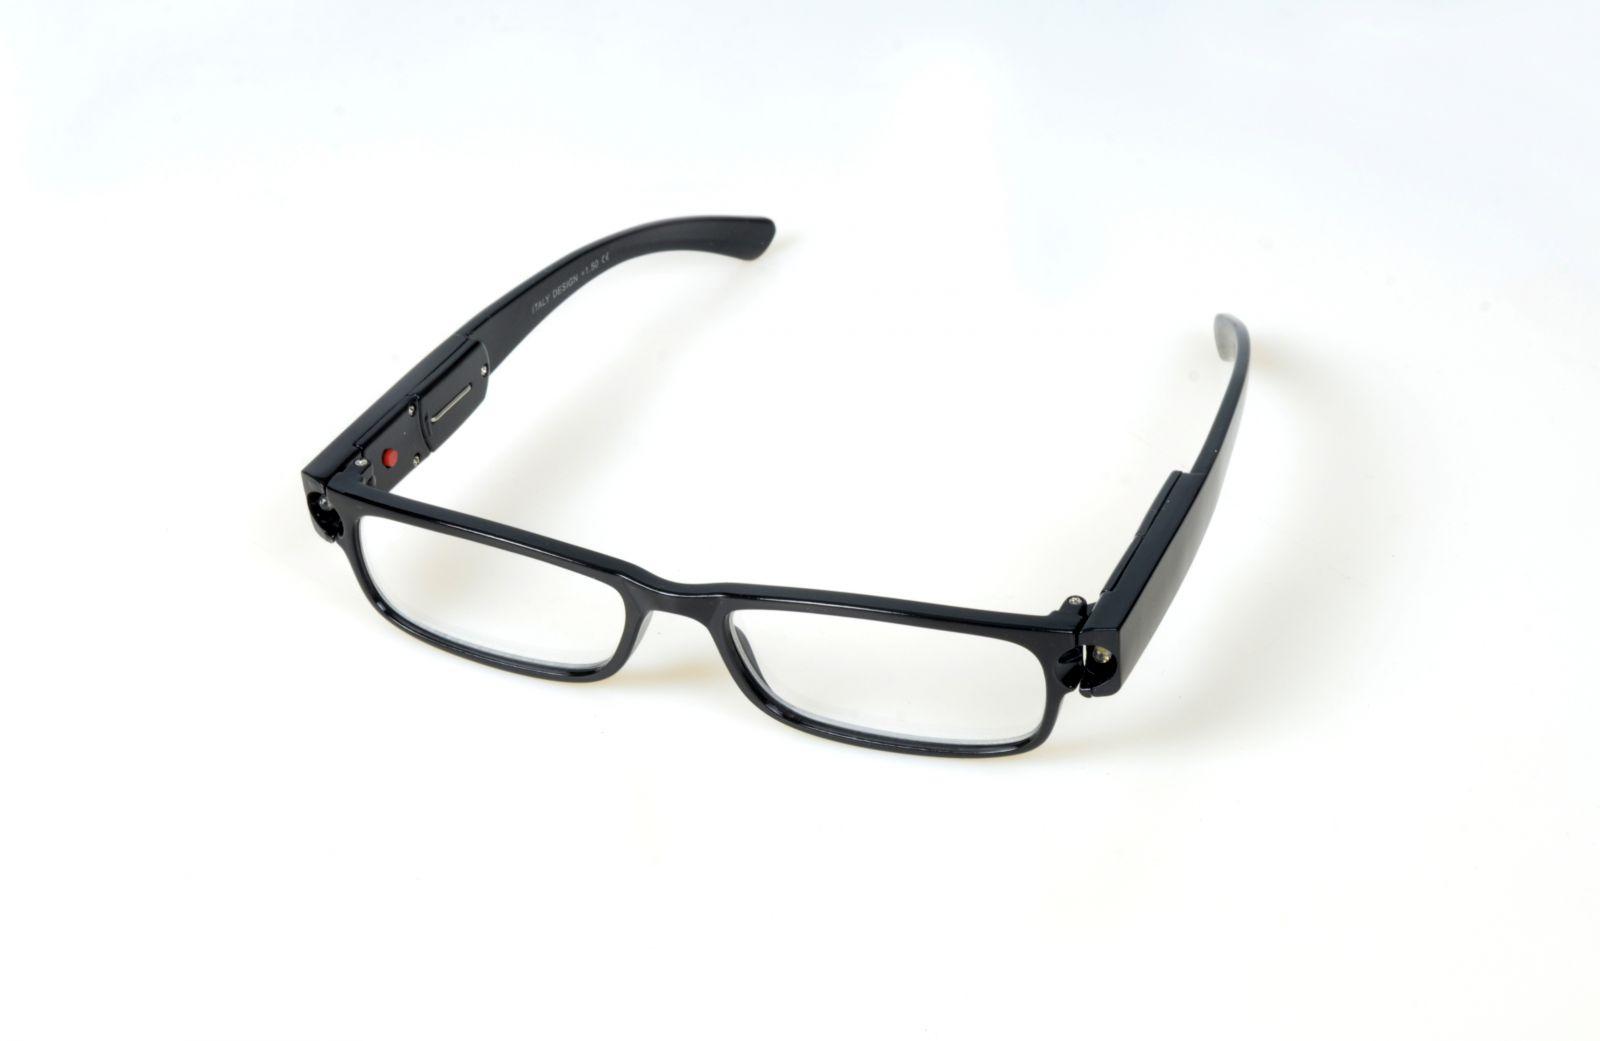 Dioptrické brýle se světýlkama +3,00 černé obruby E-batoh